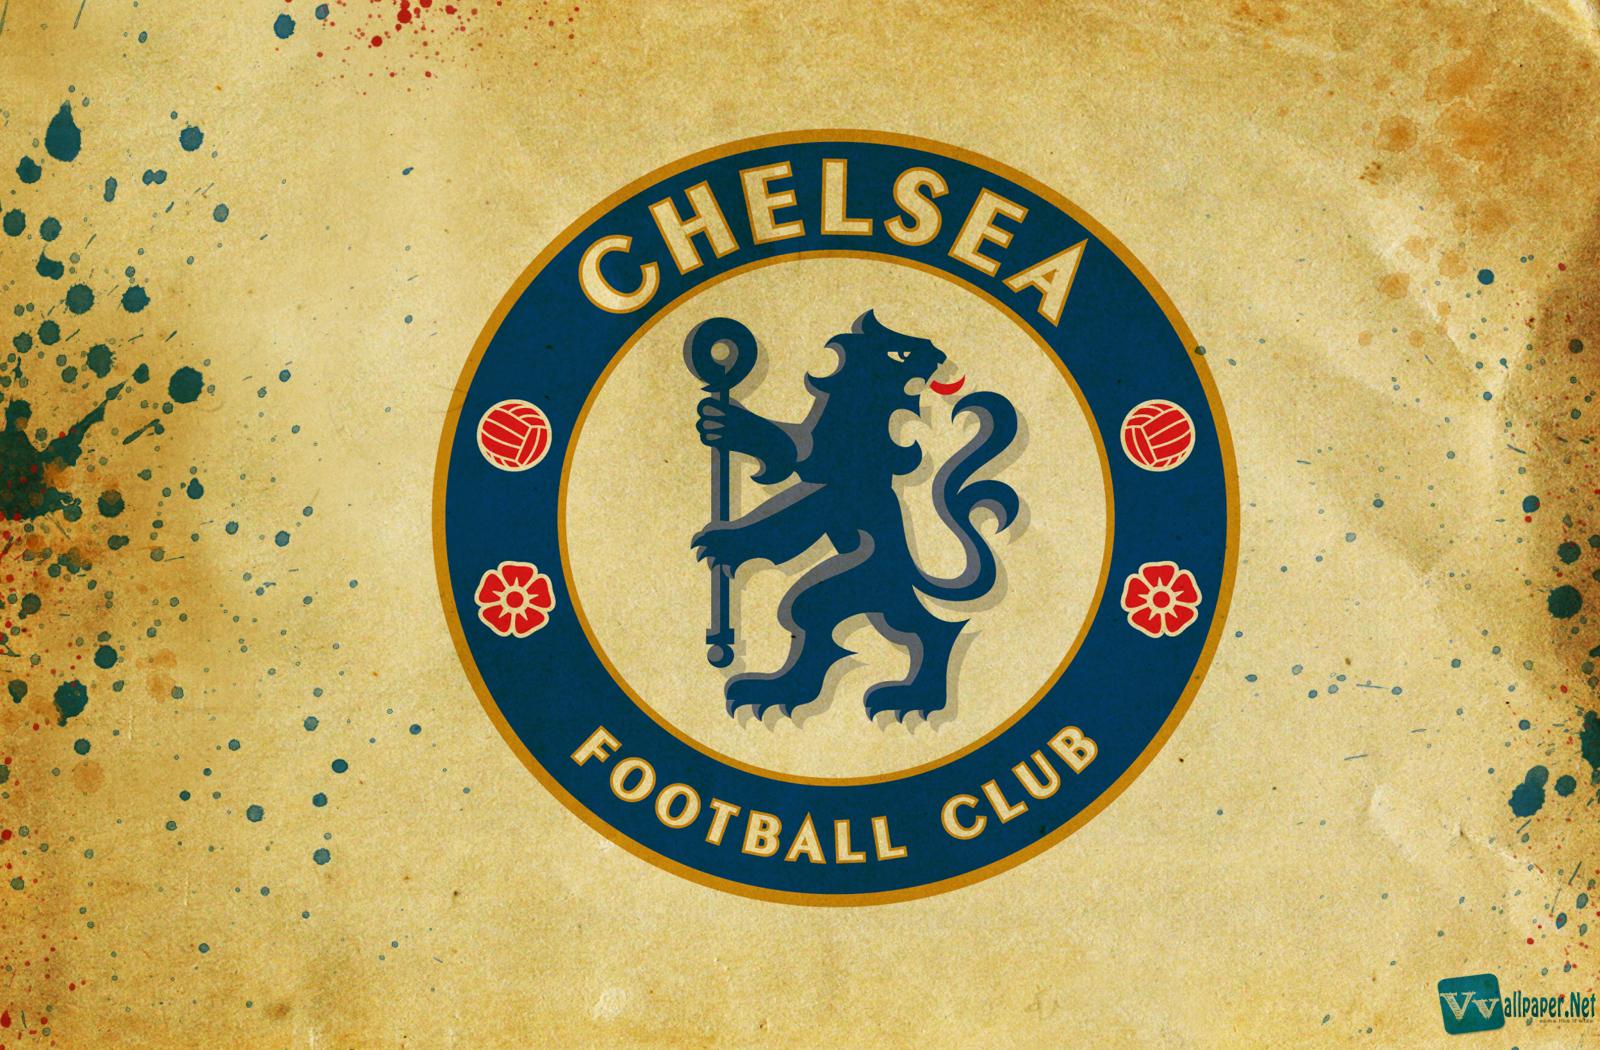 http://3.bp.blogspot.com/-YhDcMB0RNz4/T2kKXFSVzOI/AAAAAAAAA7E/a8I5k60b5Xk/s1600/Chelsea_Football_Club_Logo_HD_Wallpaper-Vvallpaper.Net.jpg